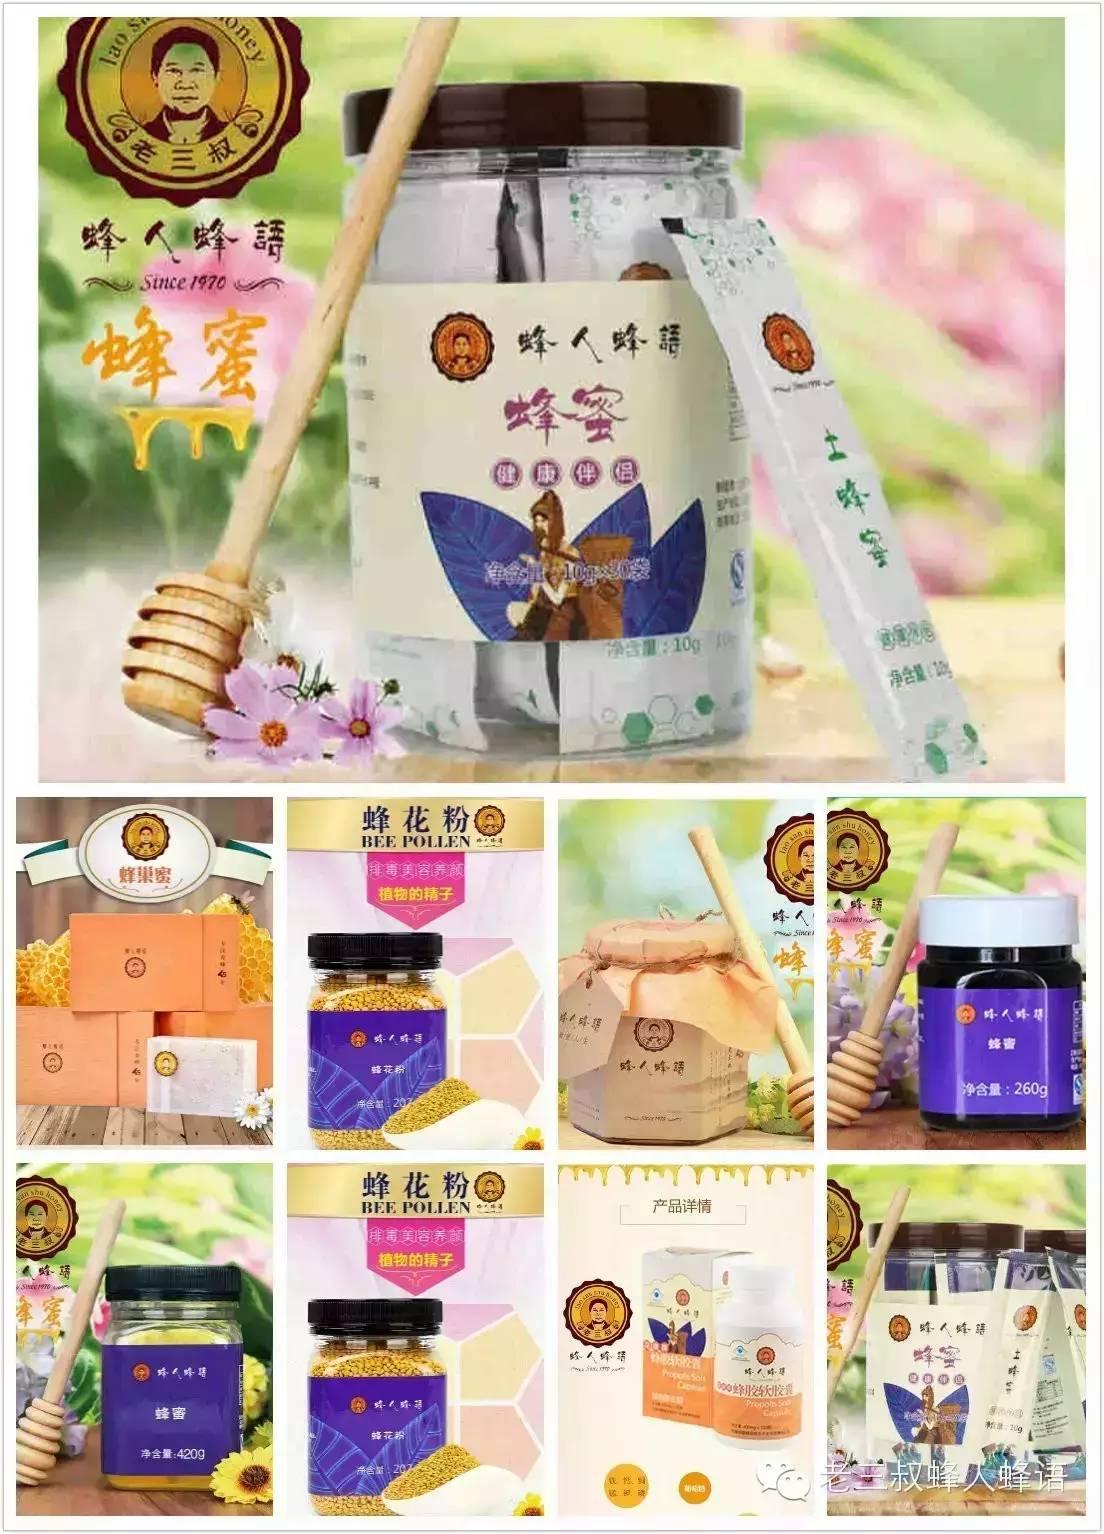 蜂蜜洗面奶 柠檬蜂蜜祛斑面膜 酸奶蜂蜜 新疆 高海燕